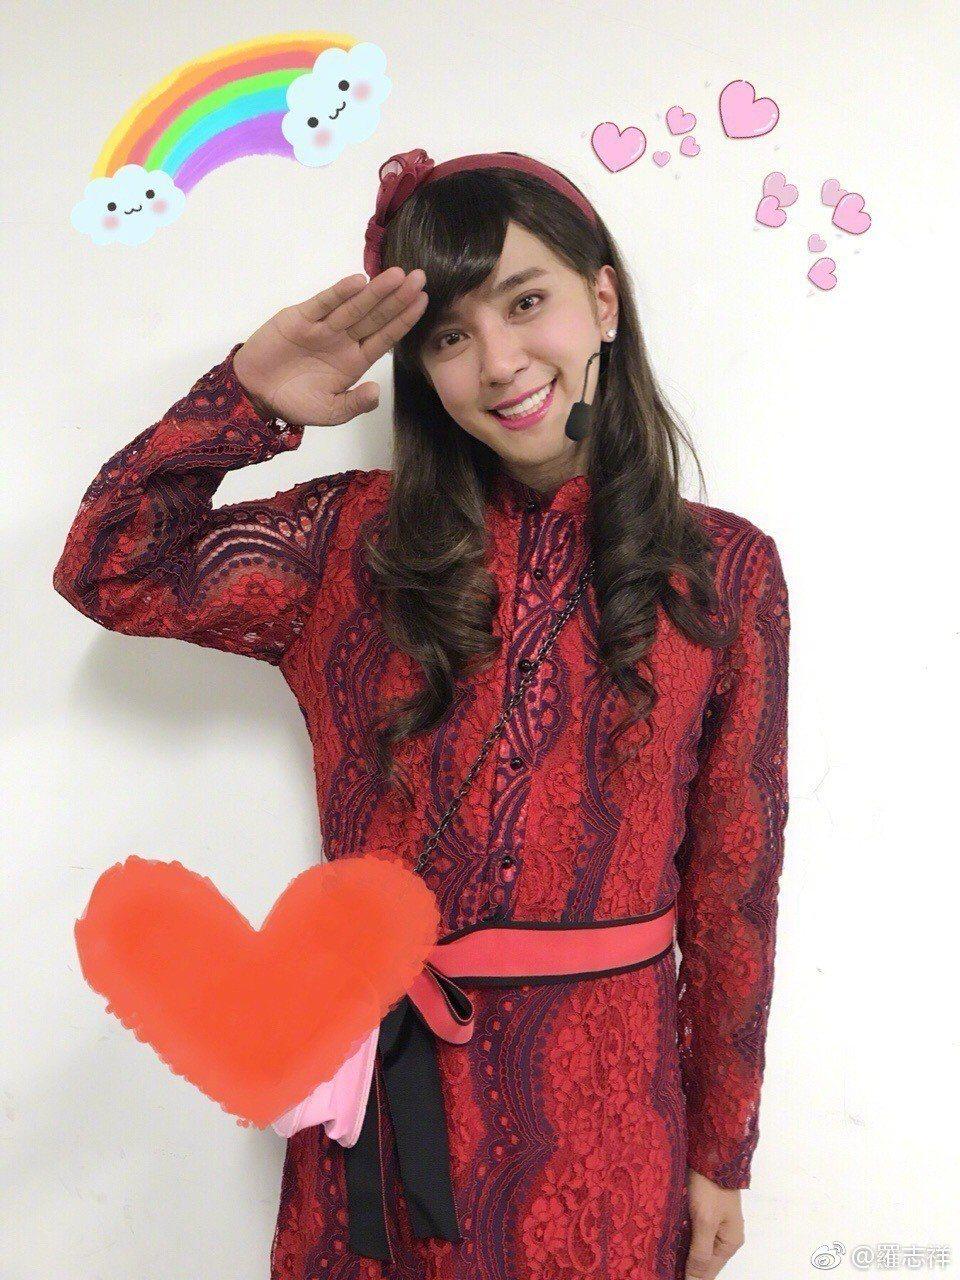 羅志祥也常扮演女裝。圖/擷自微博